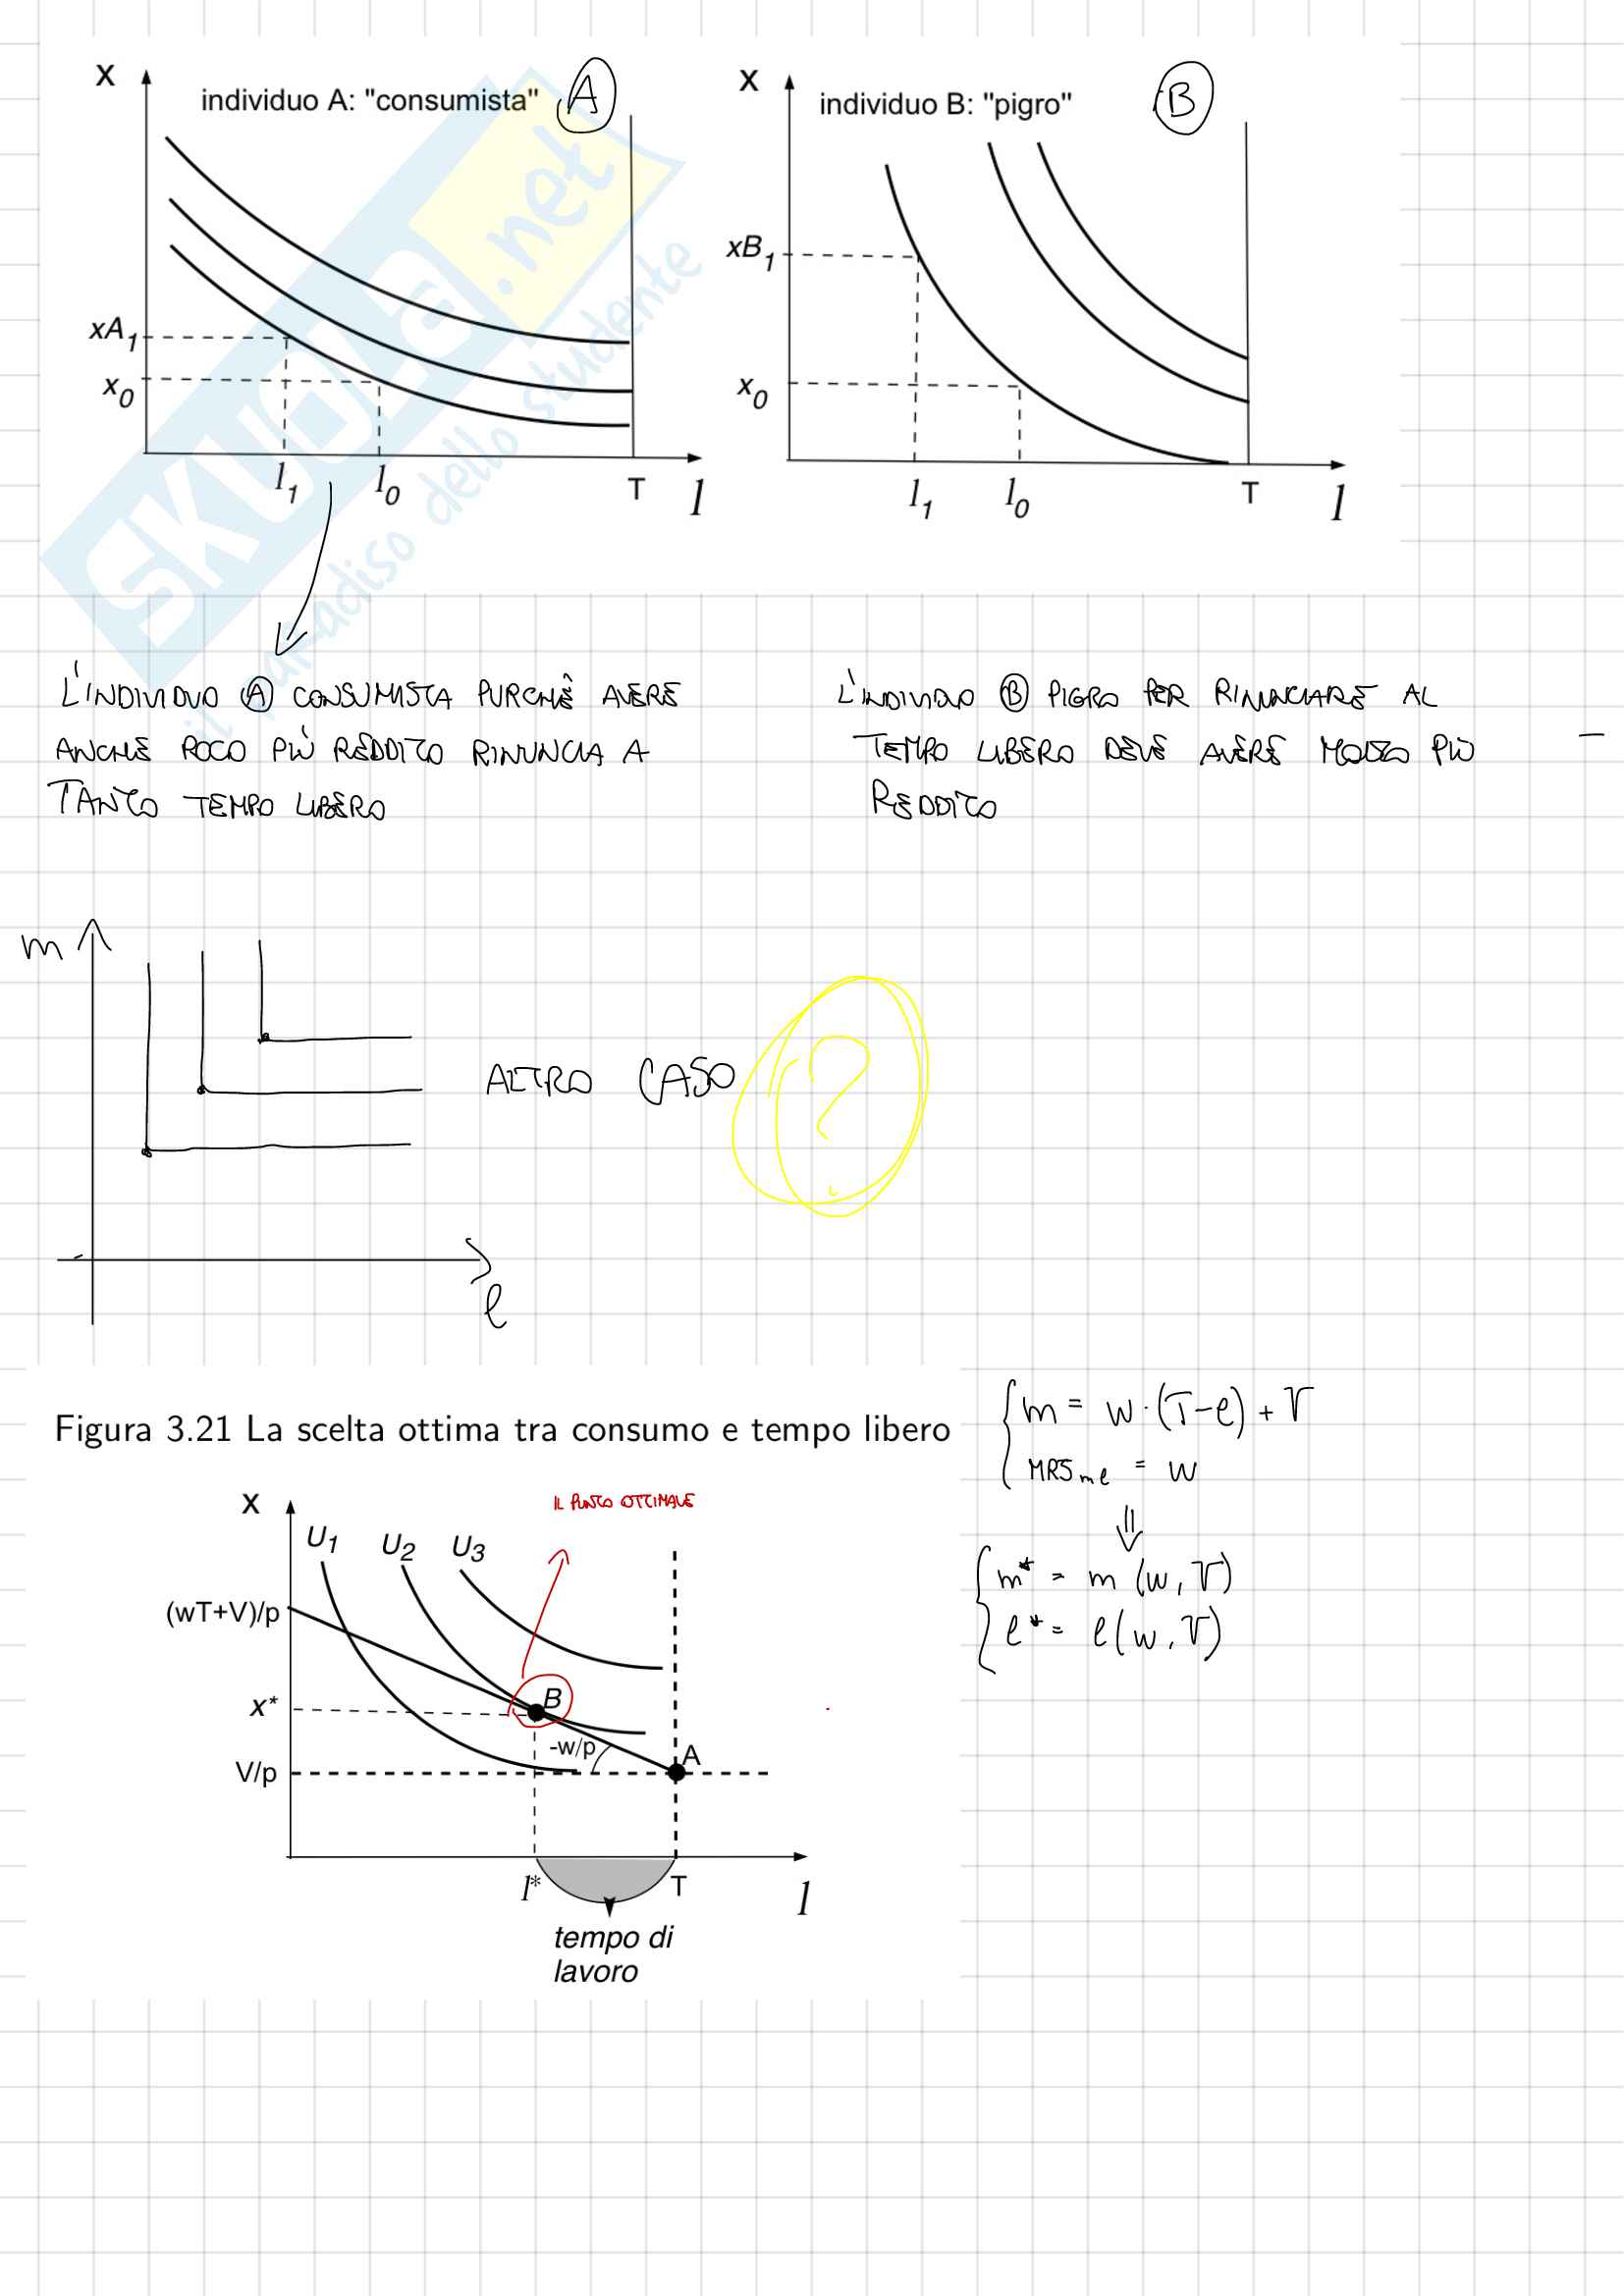 Appunti delle lezioni del corso di Economia Politica I (Microeconomia) Pag. 11